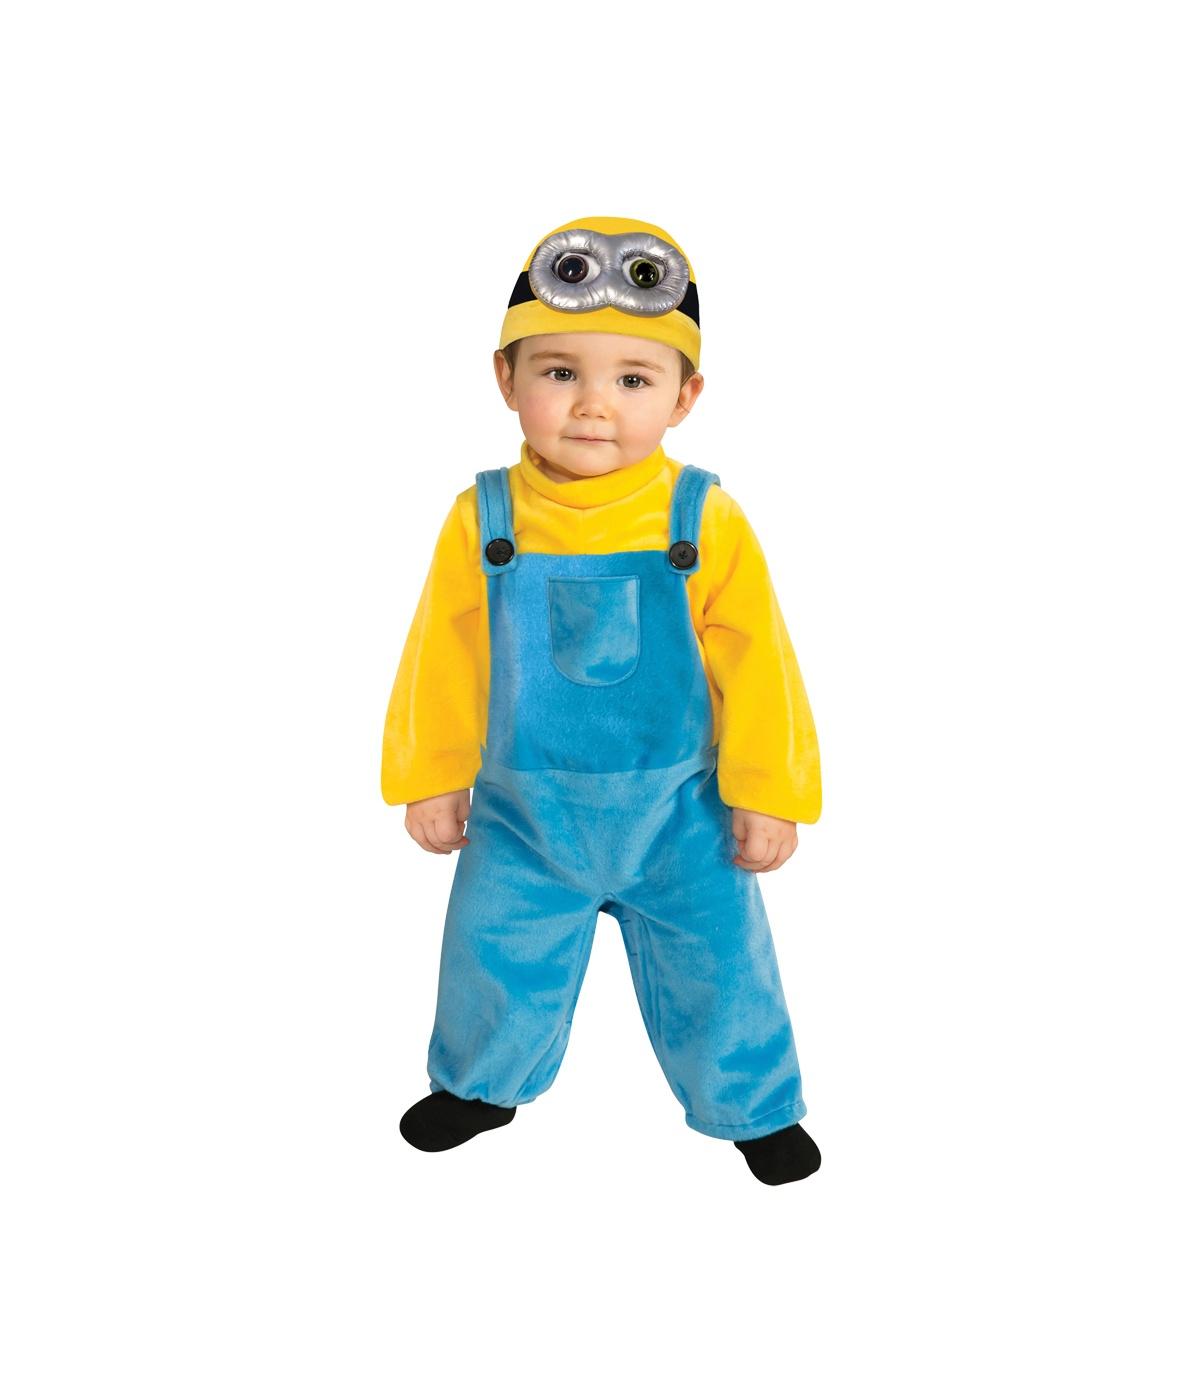 Despicably Cute Minion Bob Toddler Boys Costume Movie